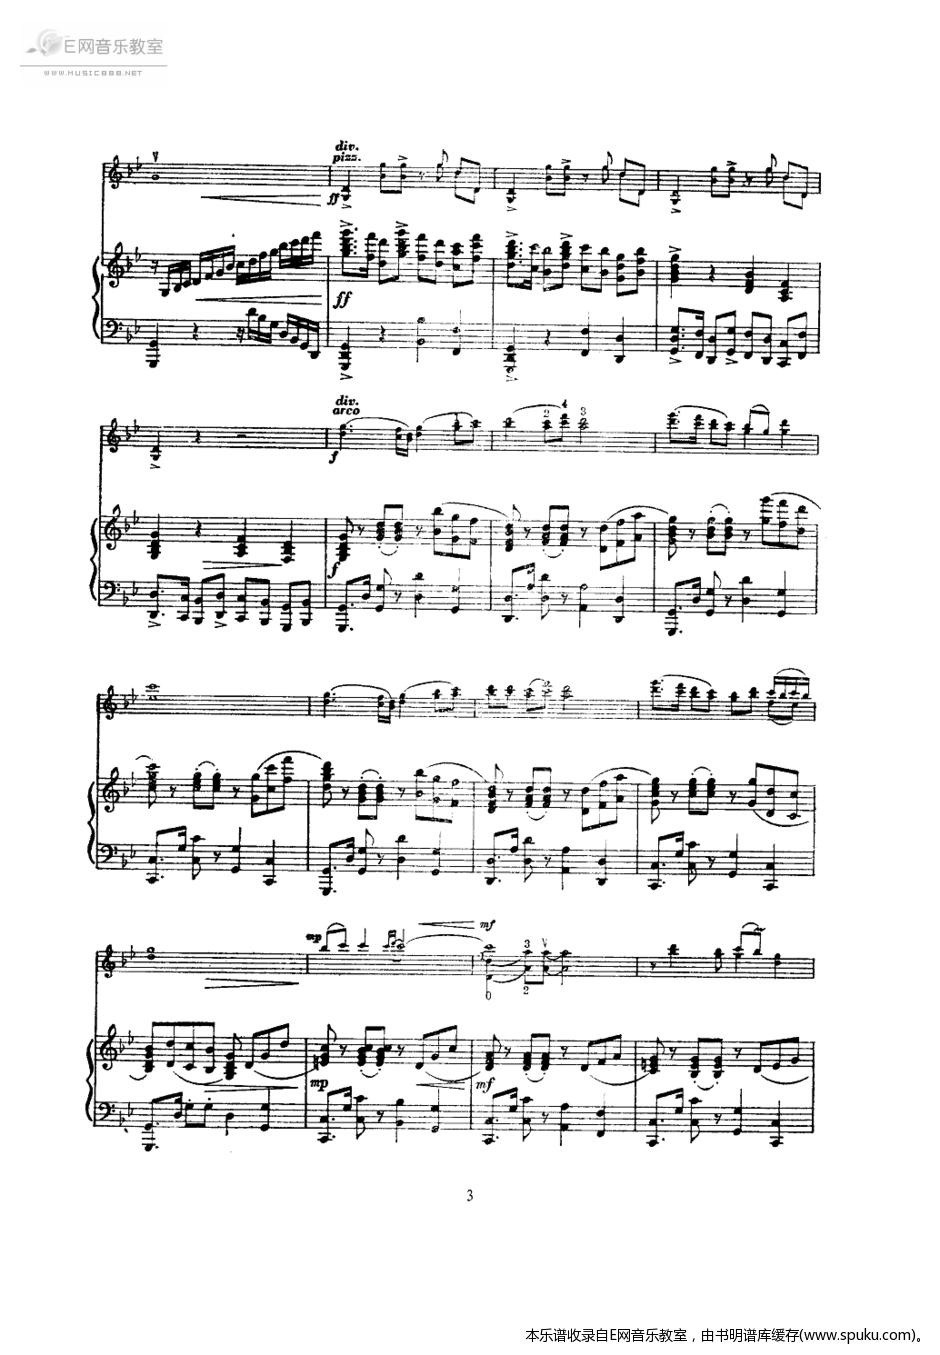 延边人民热爱毛主席3-钢琴谱-曲谱